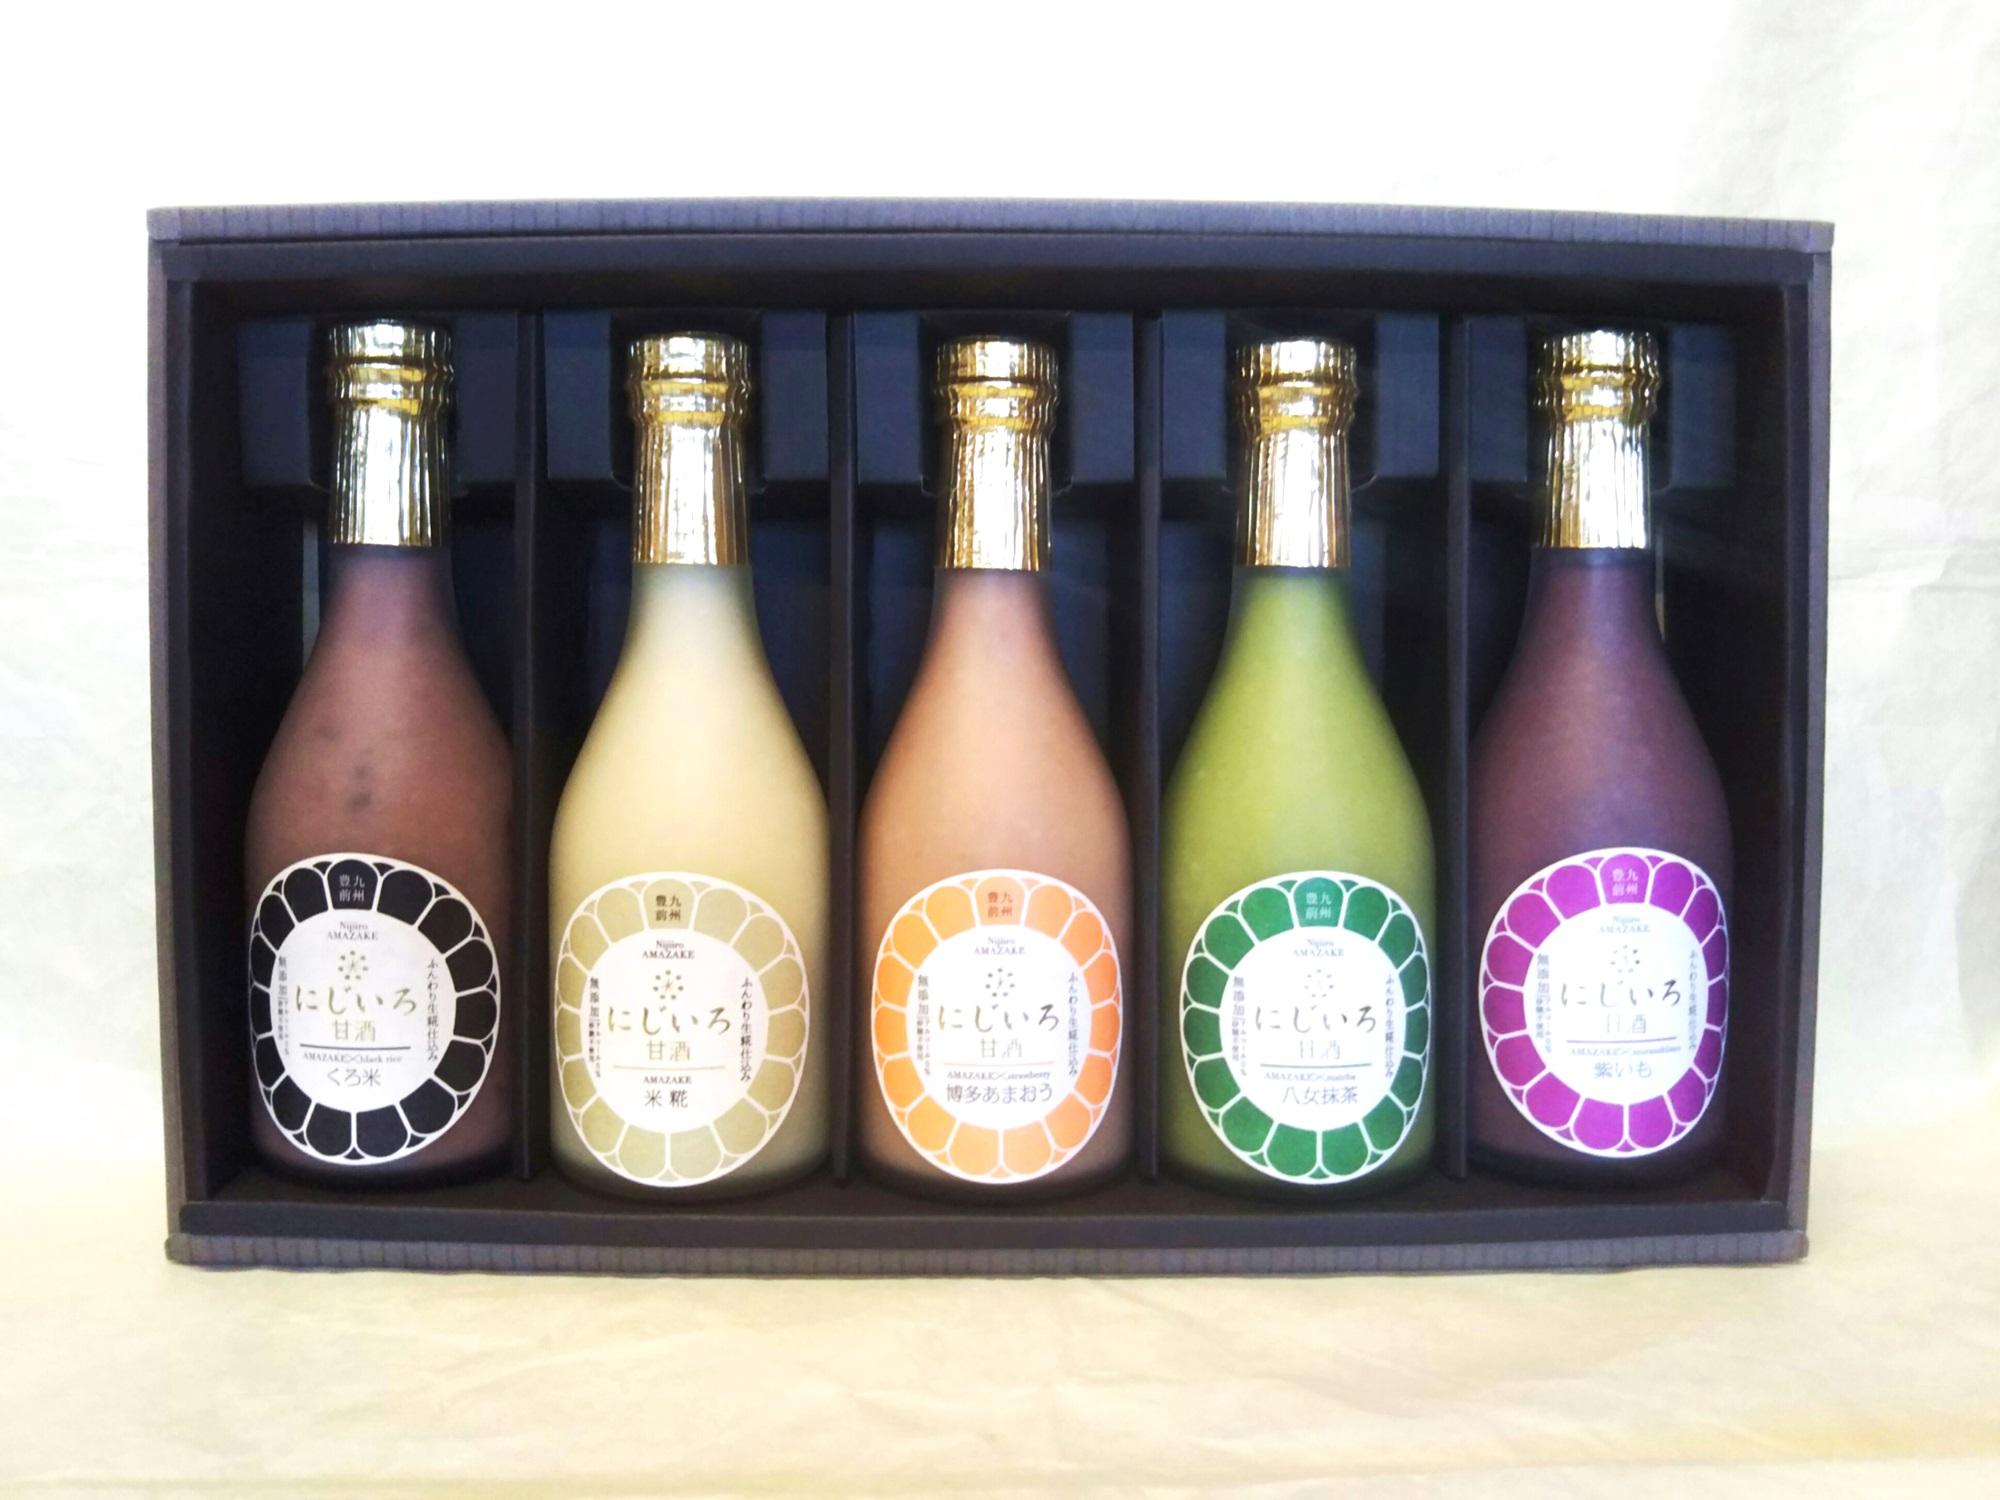 にじいろ甘酒 季節の5色ギフトセット(くろ米・米糀・博多あまおう・八女抹茶・紫いも)